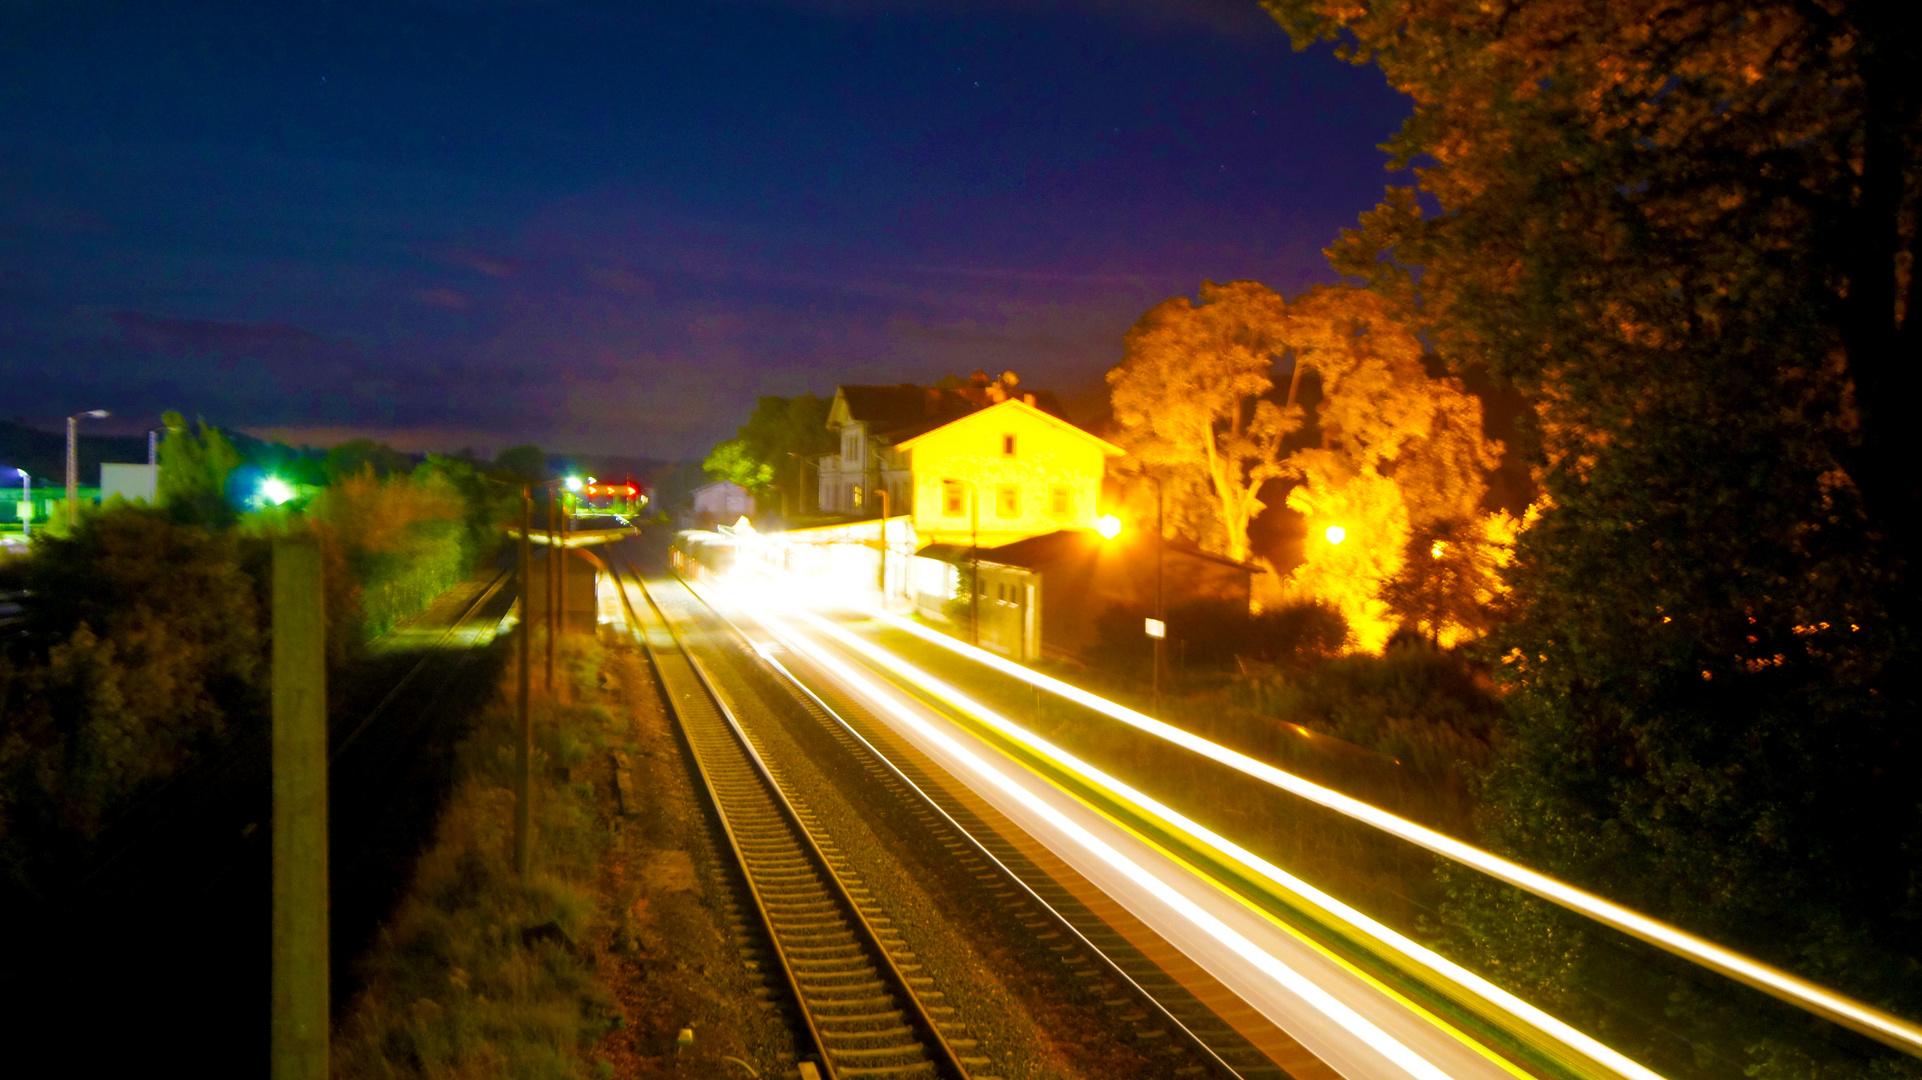 Bahnhof mit Ausfahrenden Zug